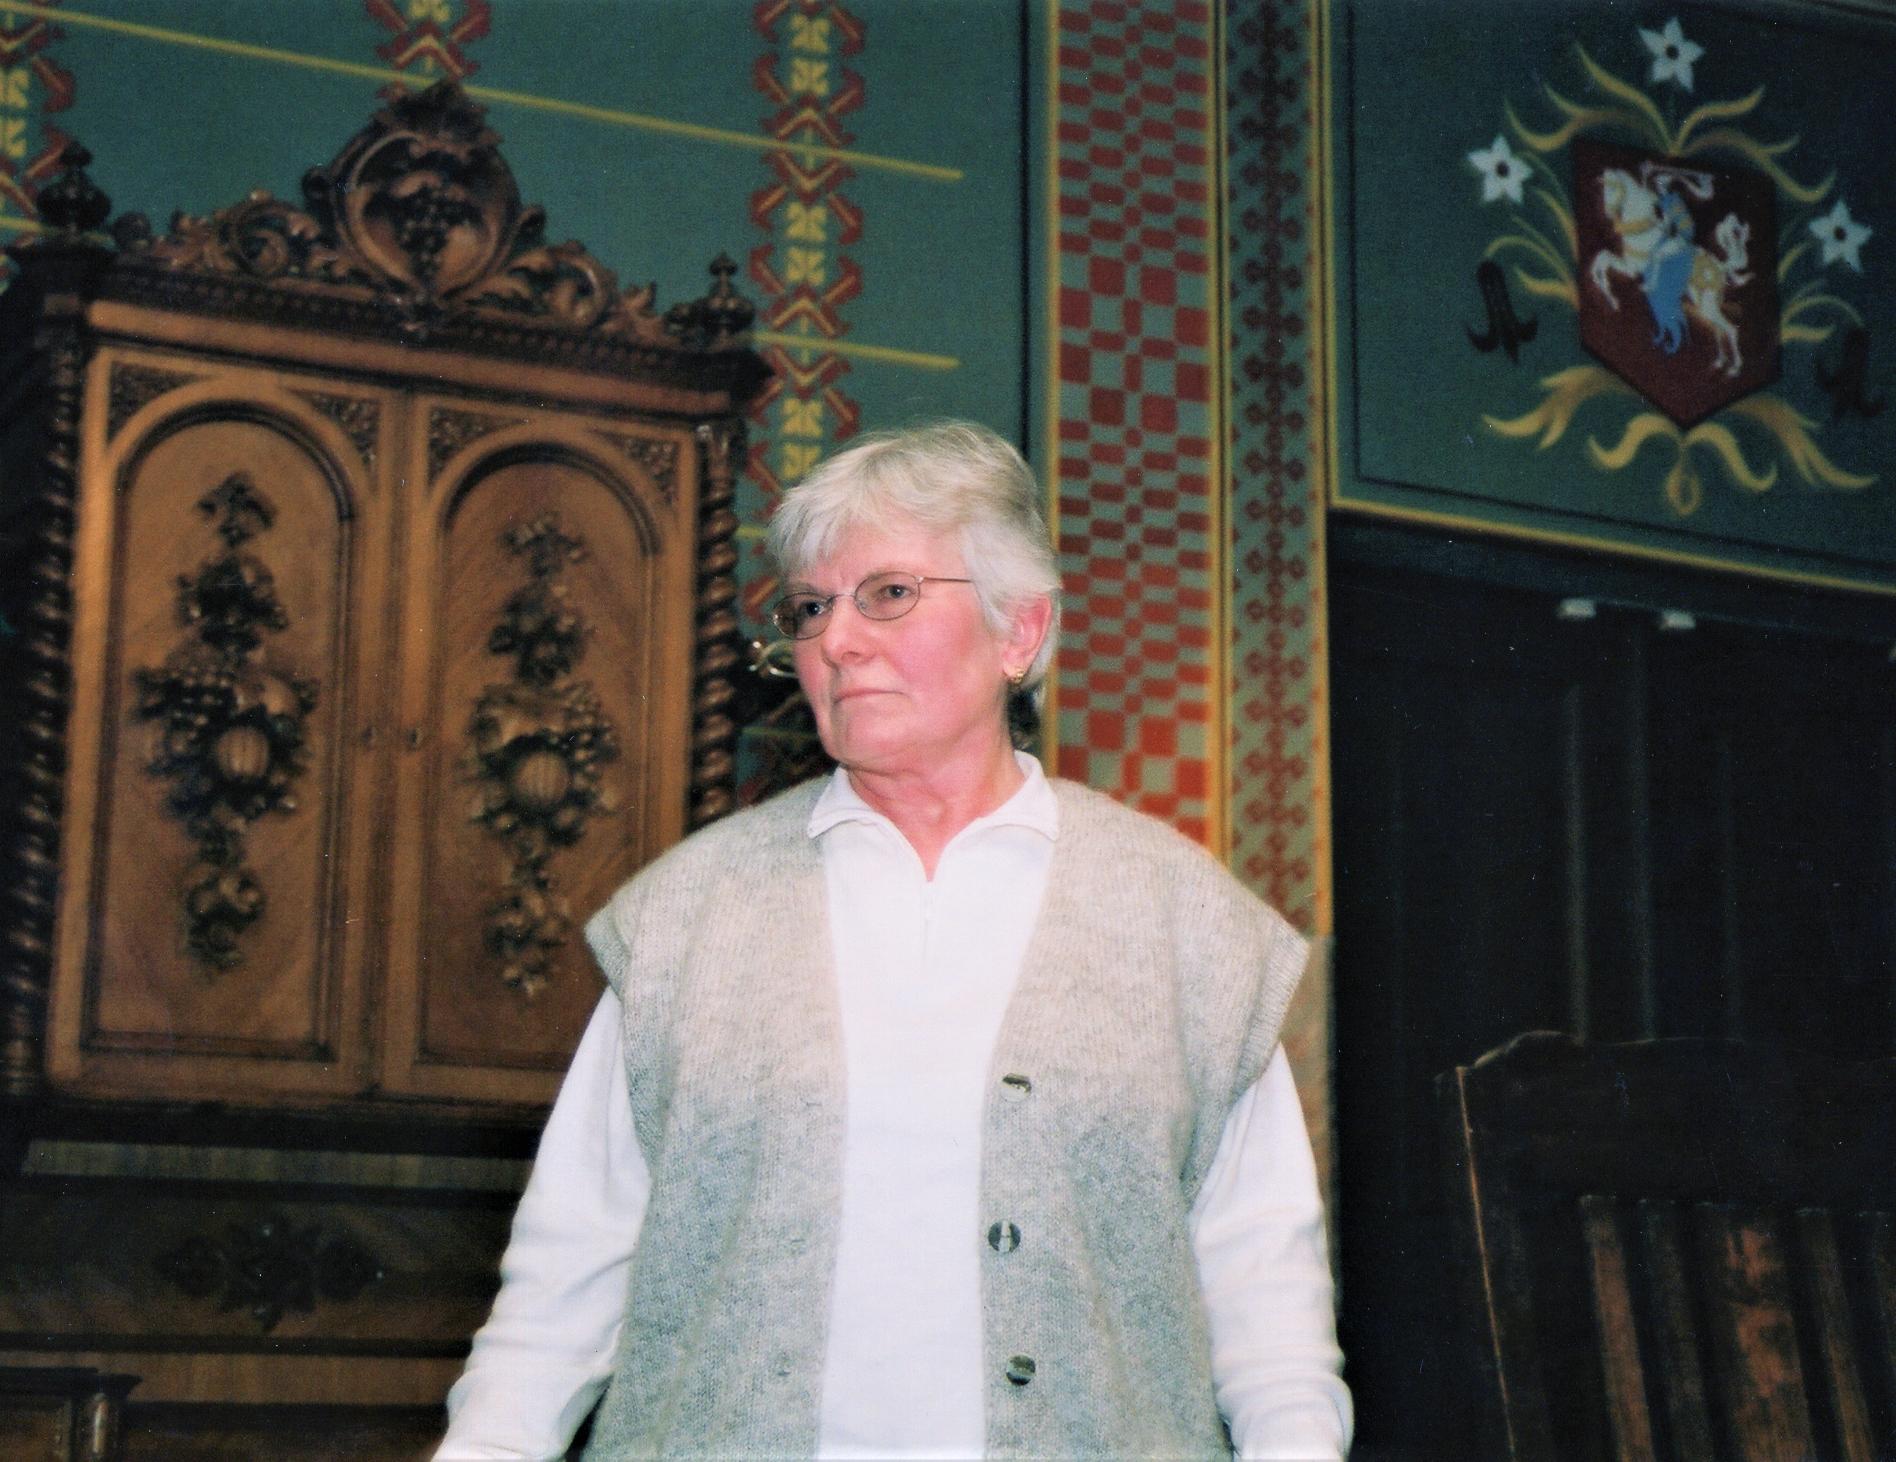 Poetė M. Stankus-Saulaitis Maironio lietuvių literatūros muziejuje. Kaunas, 2003 03 14